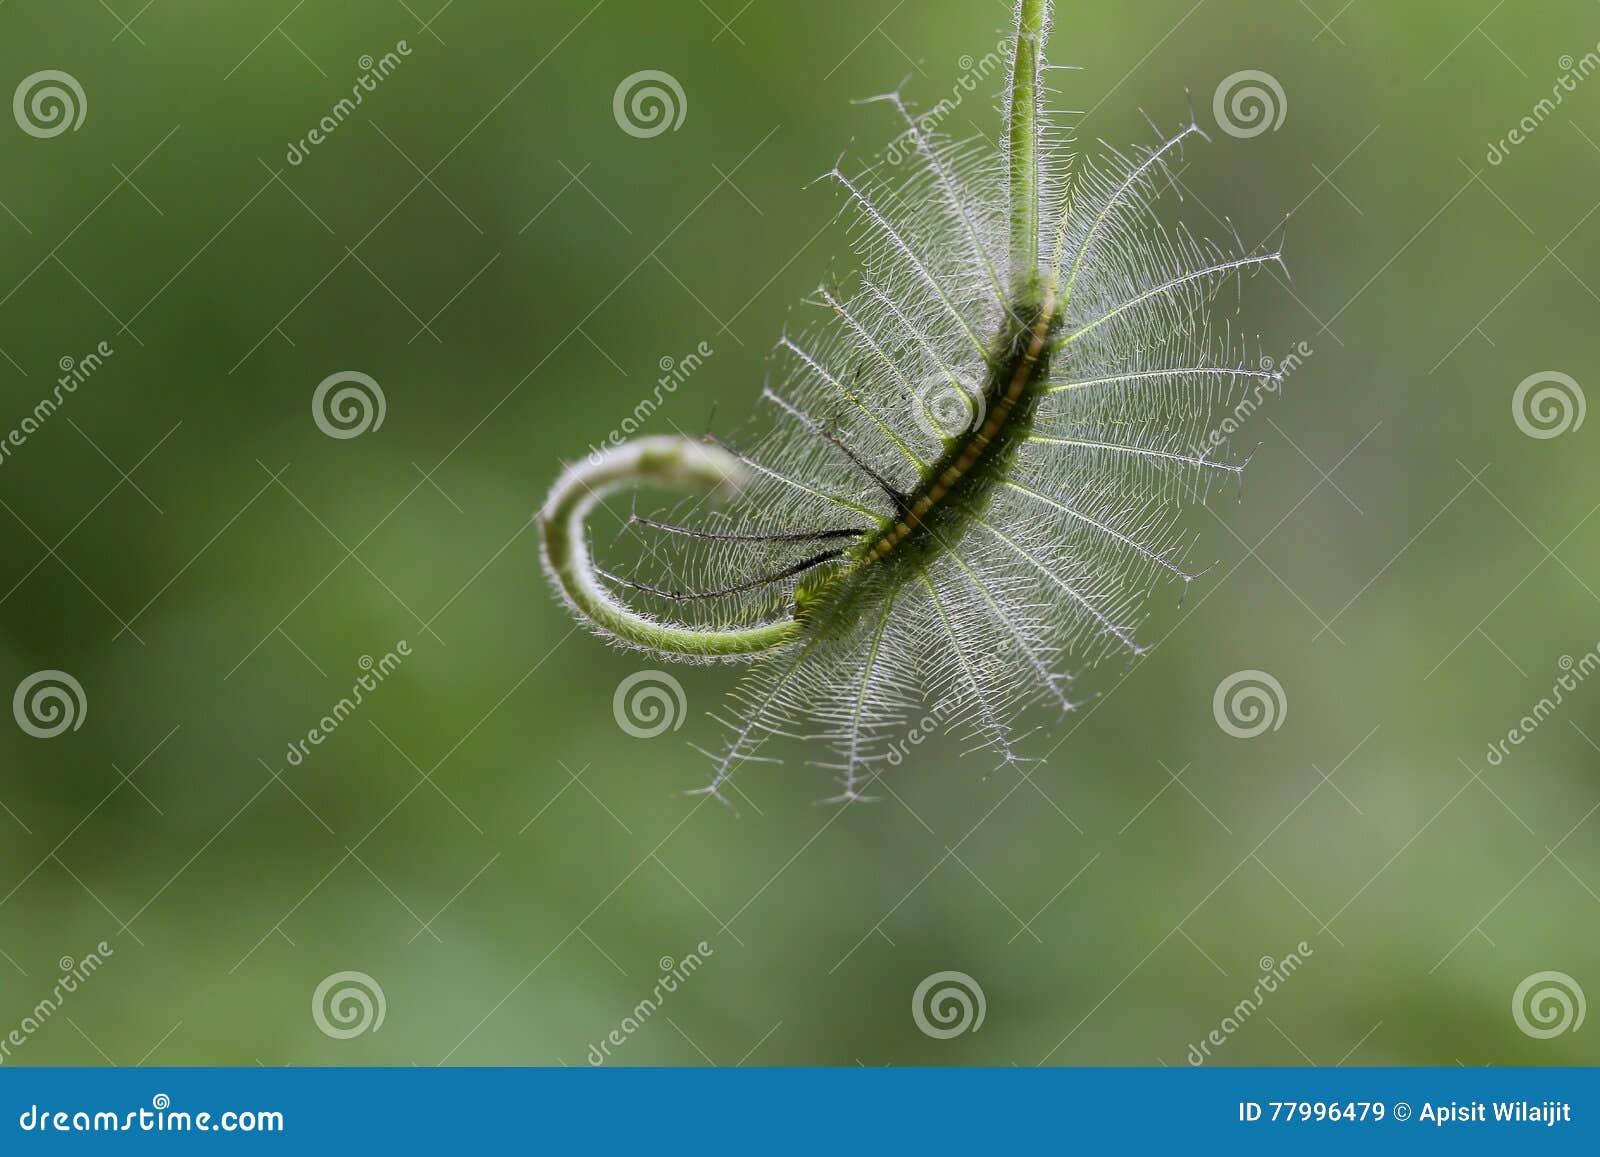 Caterpillar in Sud-est asiatico